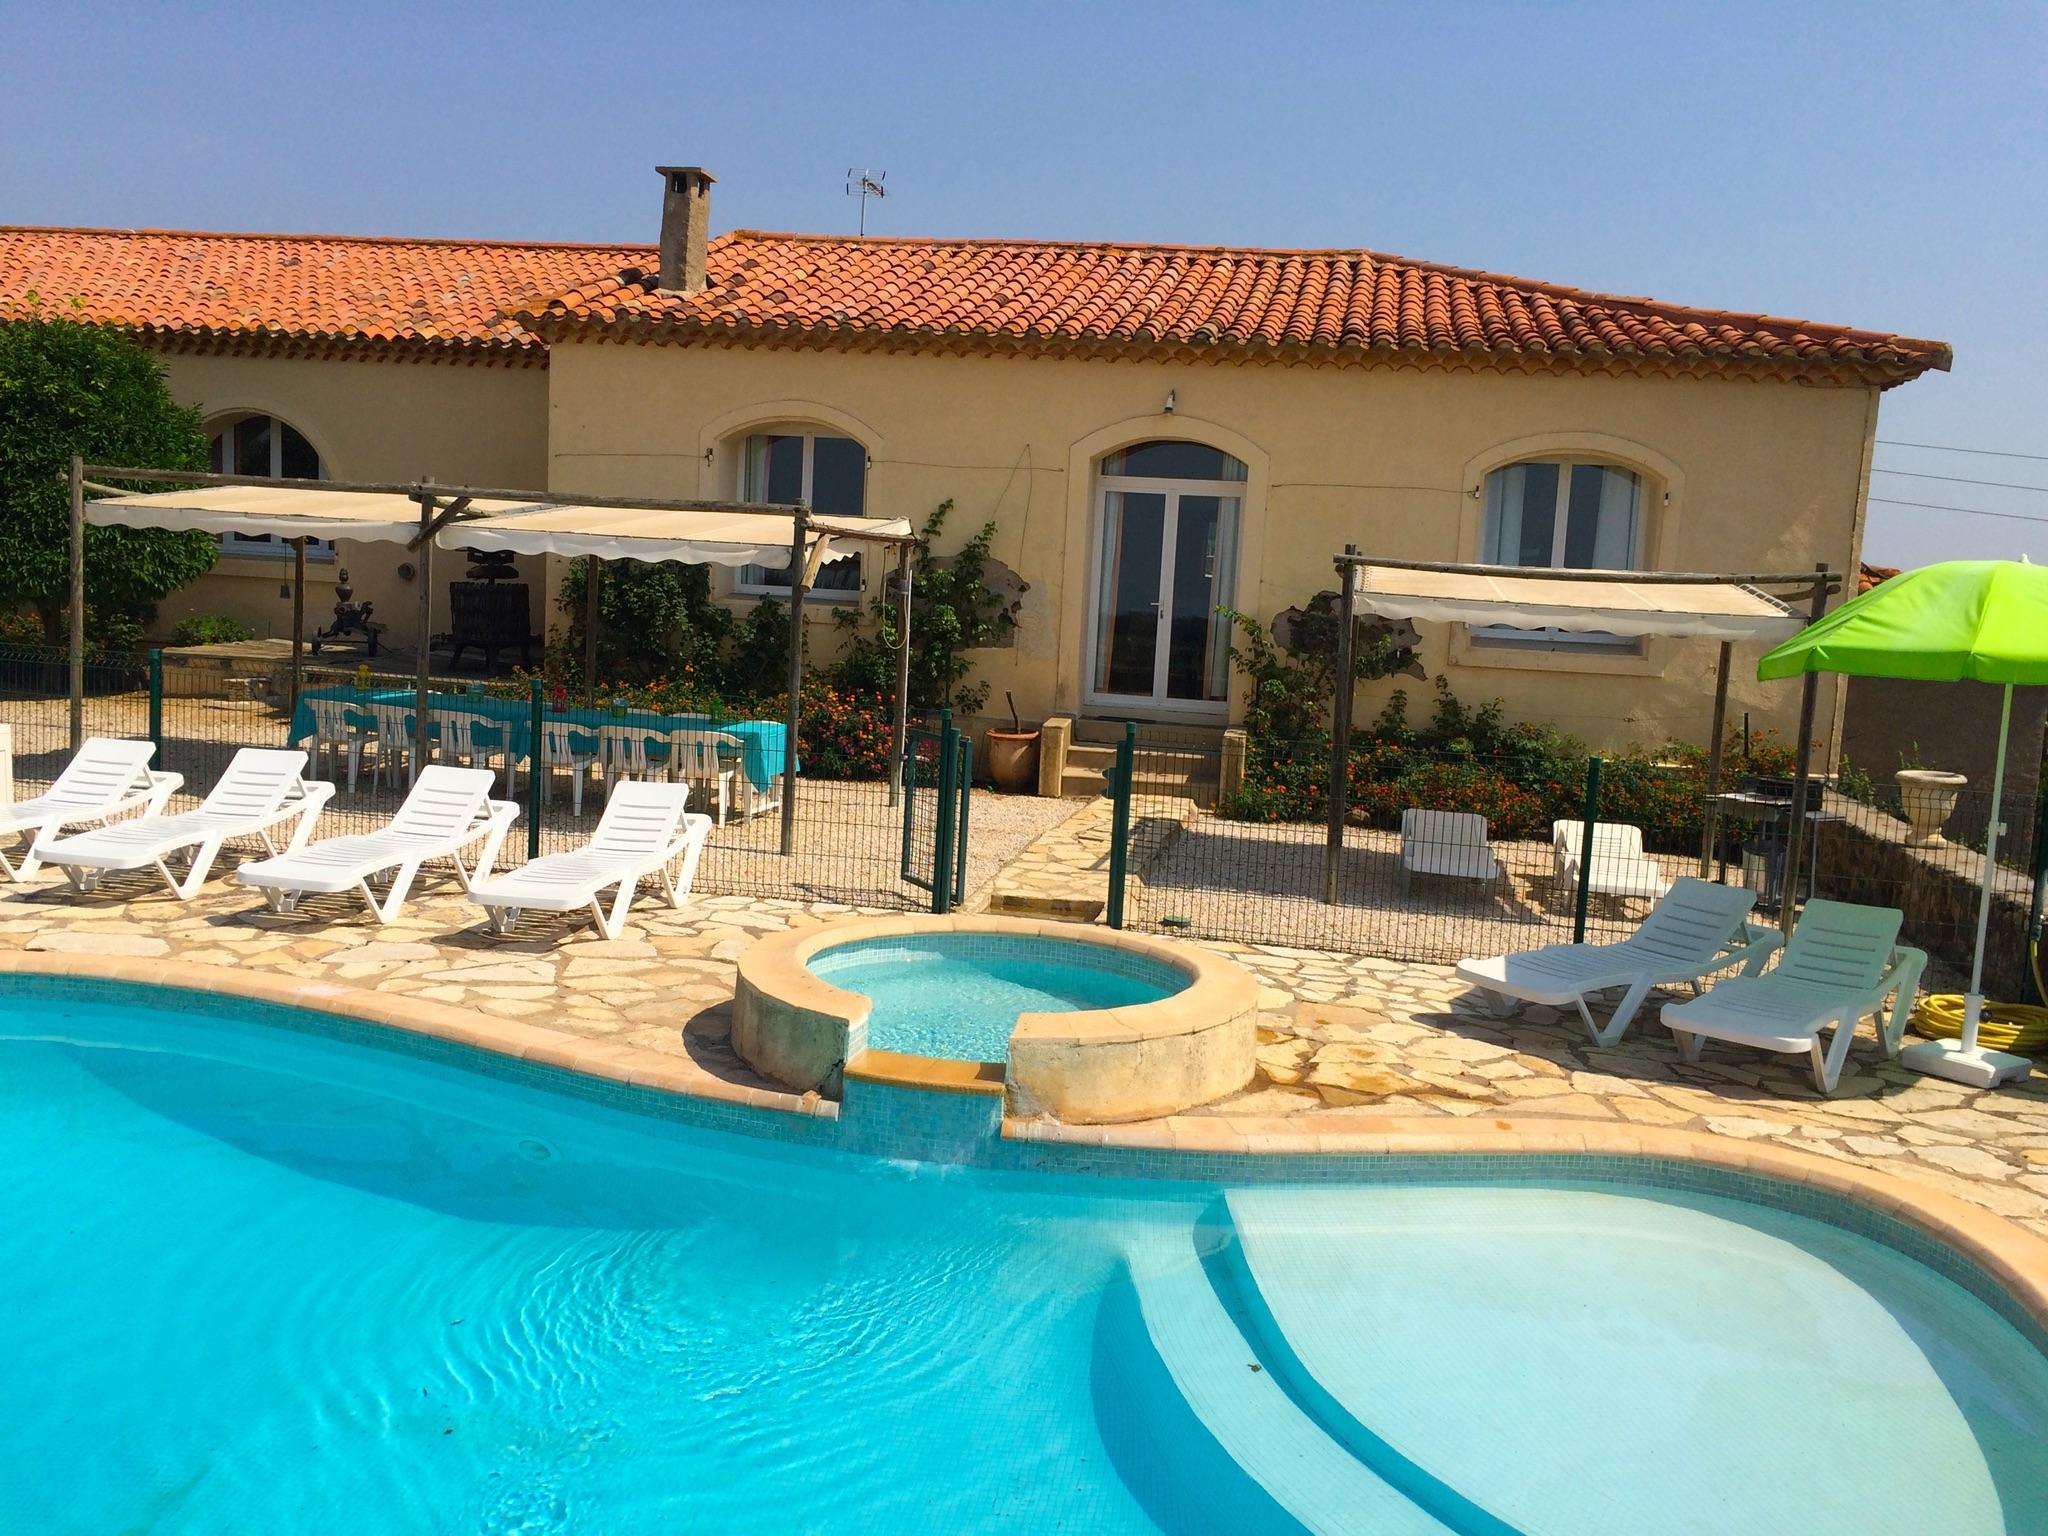 Ferienhaus Charaktervolles Haus in Hérault mit Pool und Garten (2201003), Portiragnes, Mittelmeerküste Hérault, Languedoc-Roussillon, Frankreich, Bild 27